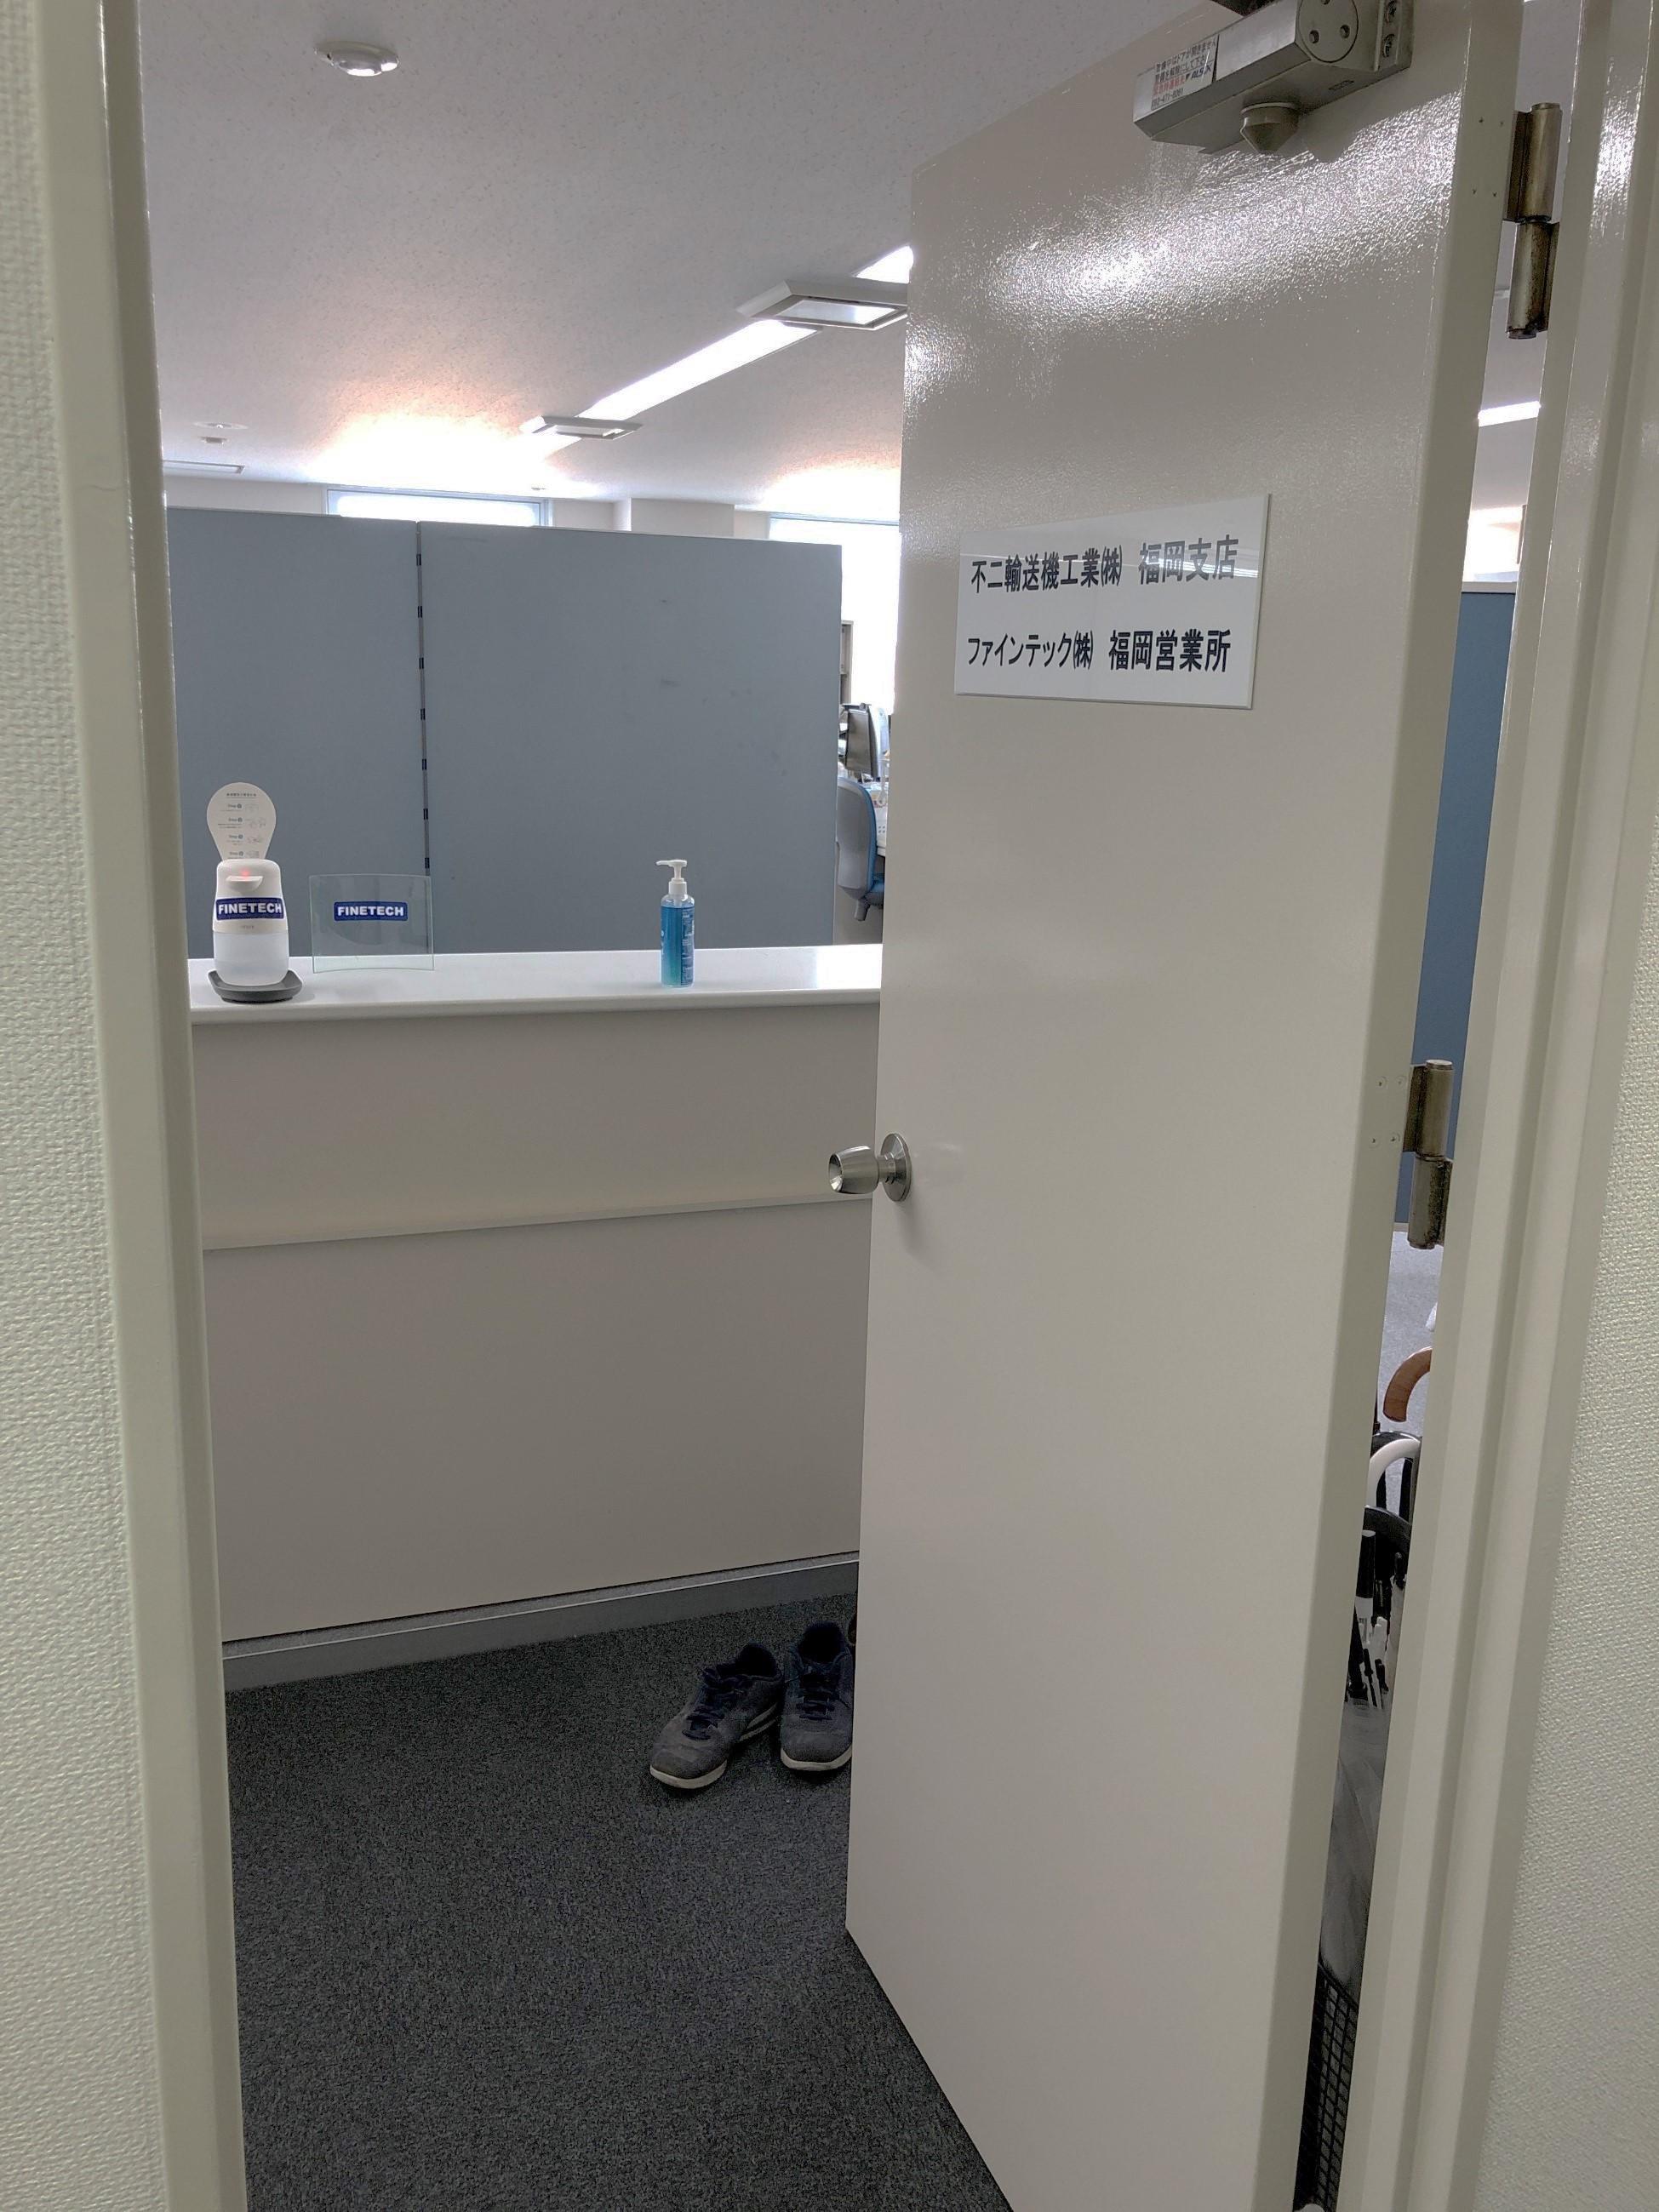 【移転】福岡営業所 移転のお知らせ